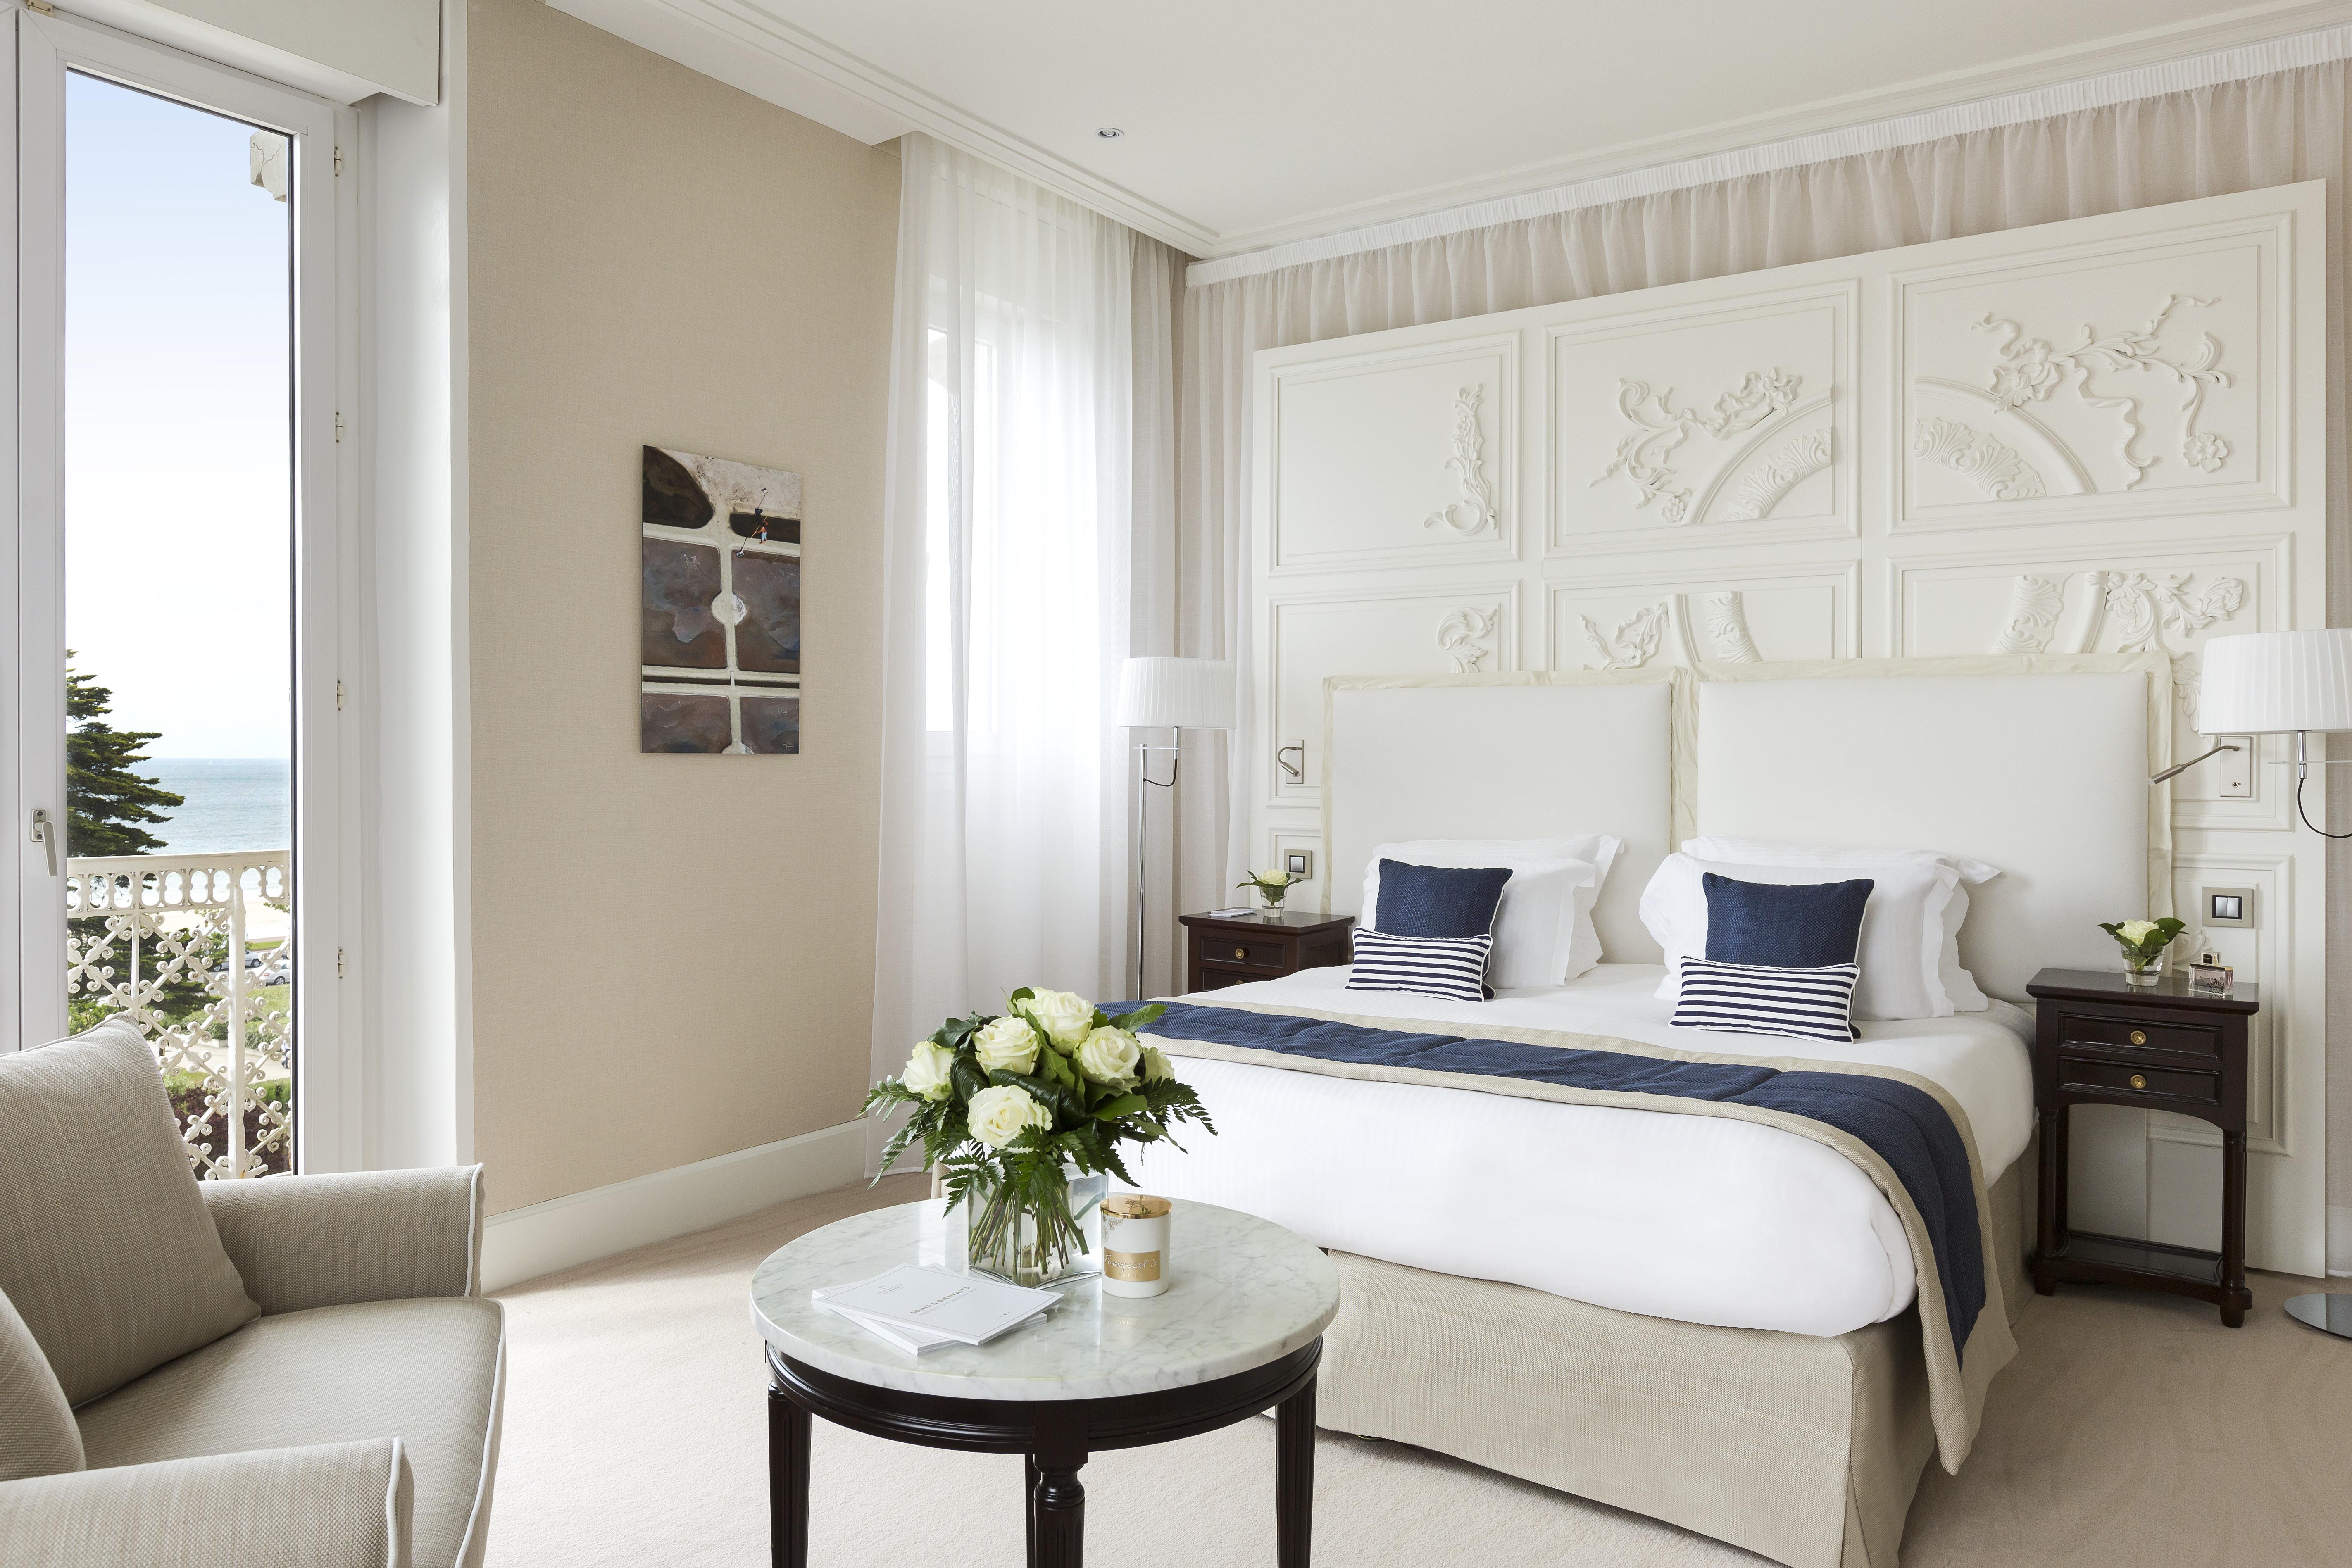 Une chambre nouvelle déco ©Fabrice Rambert